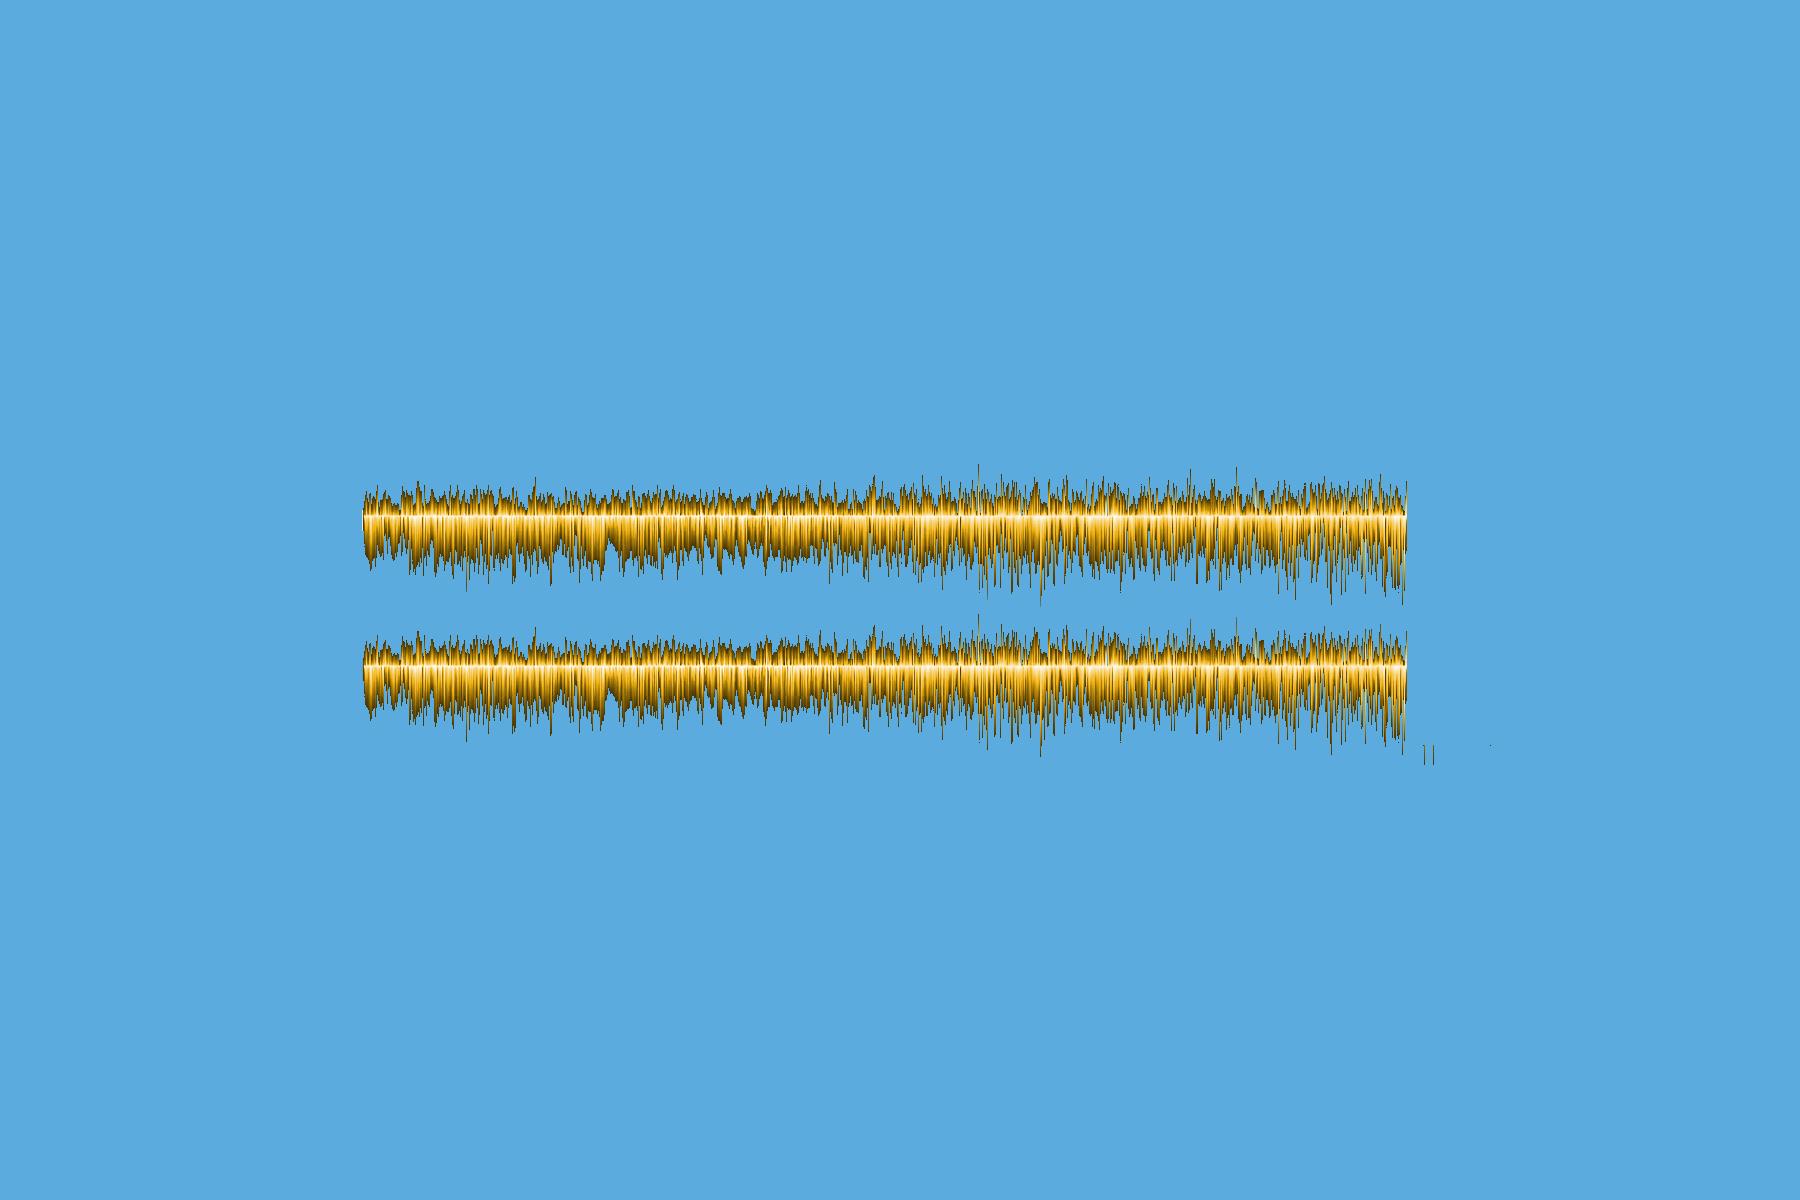 Digitaalisessa piirroksessa on kaksi ääniaaltoja kuvaavaa käyrää sinisellä pohjalla.